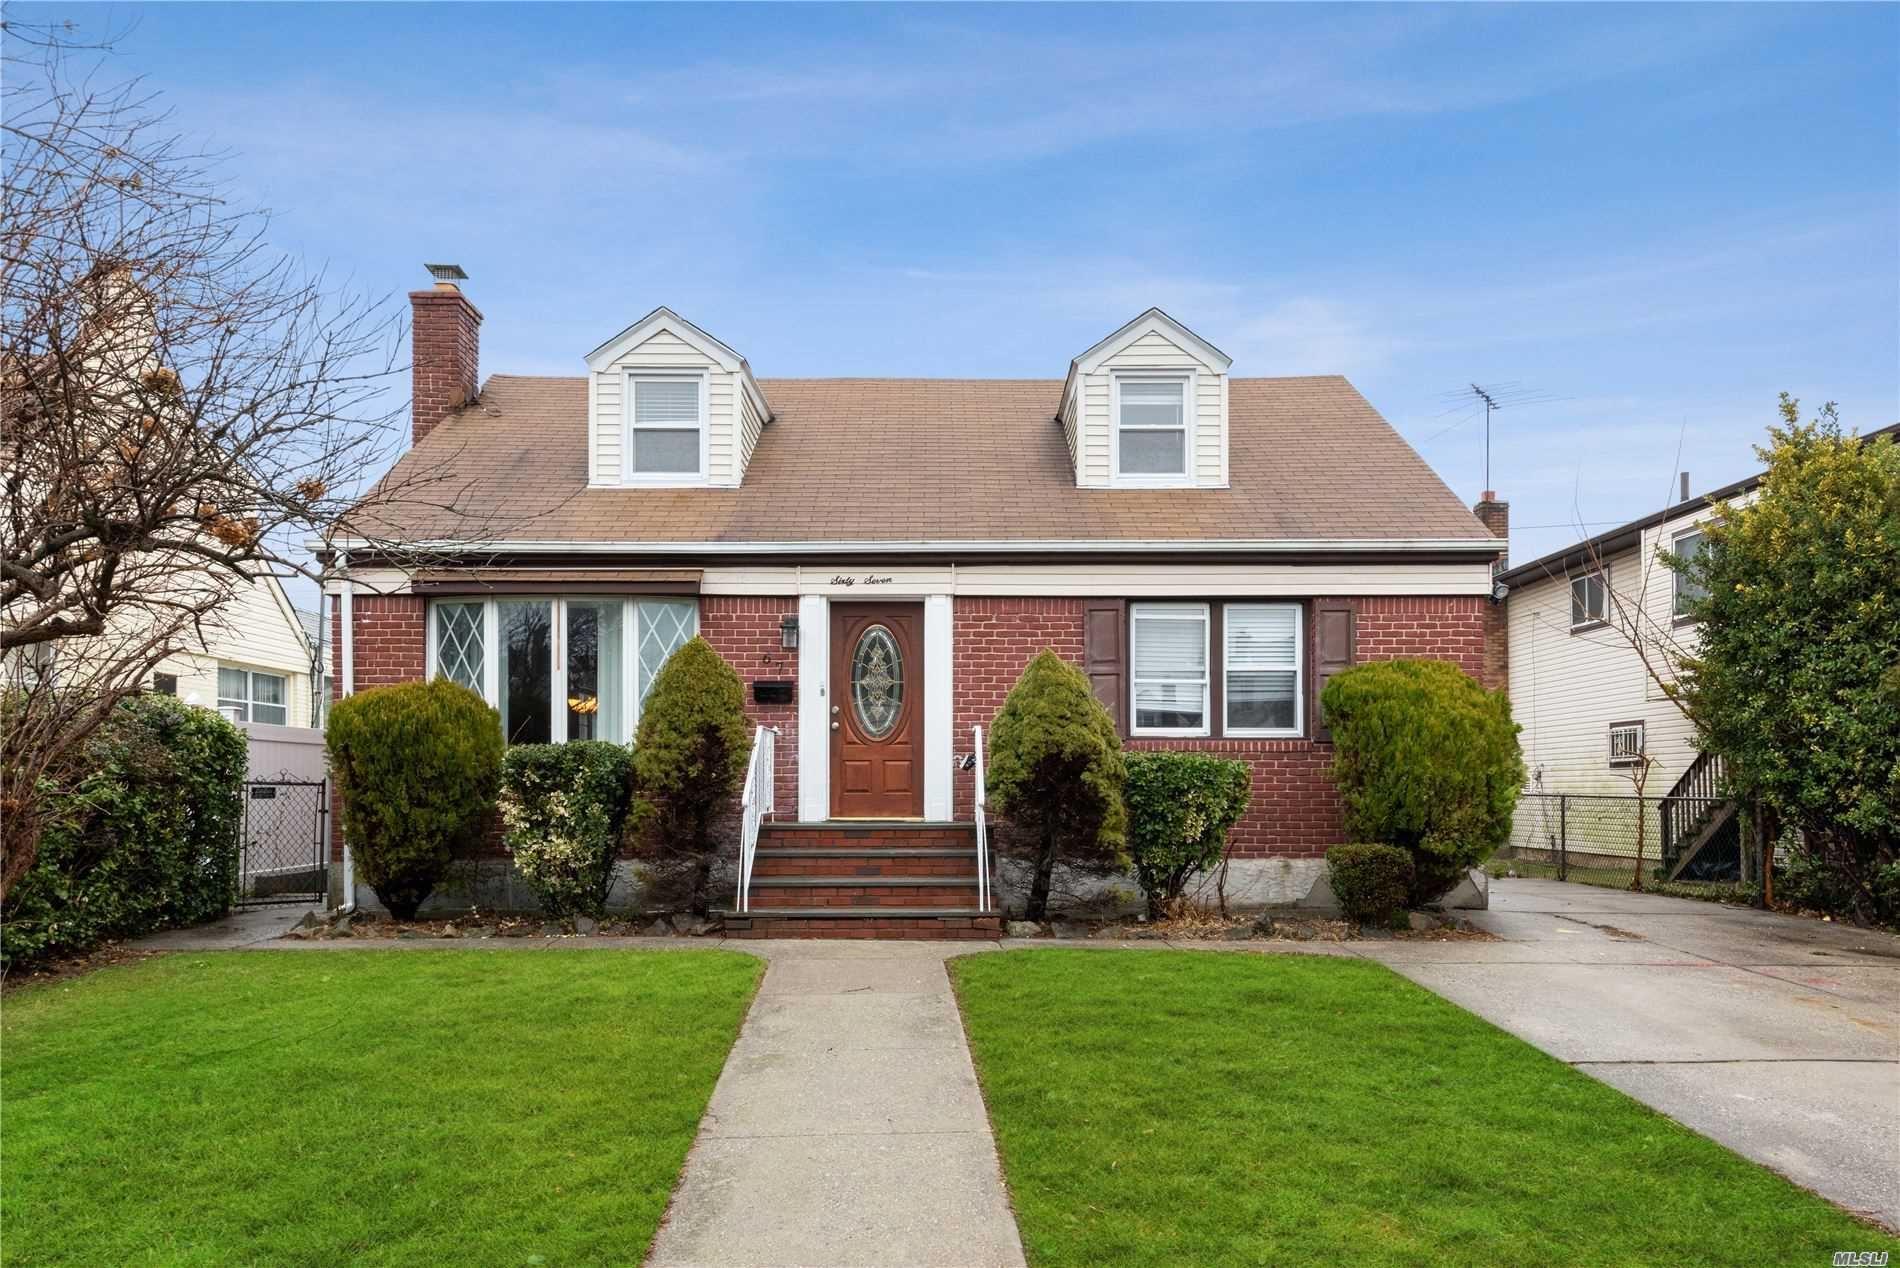 67 Jean Avenue, Hempstead, NY 11550 - MLS#: 3199711